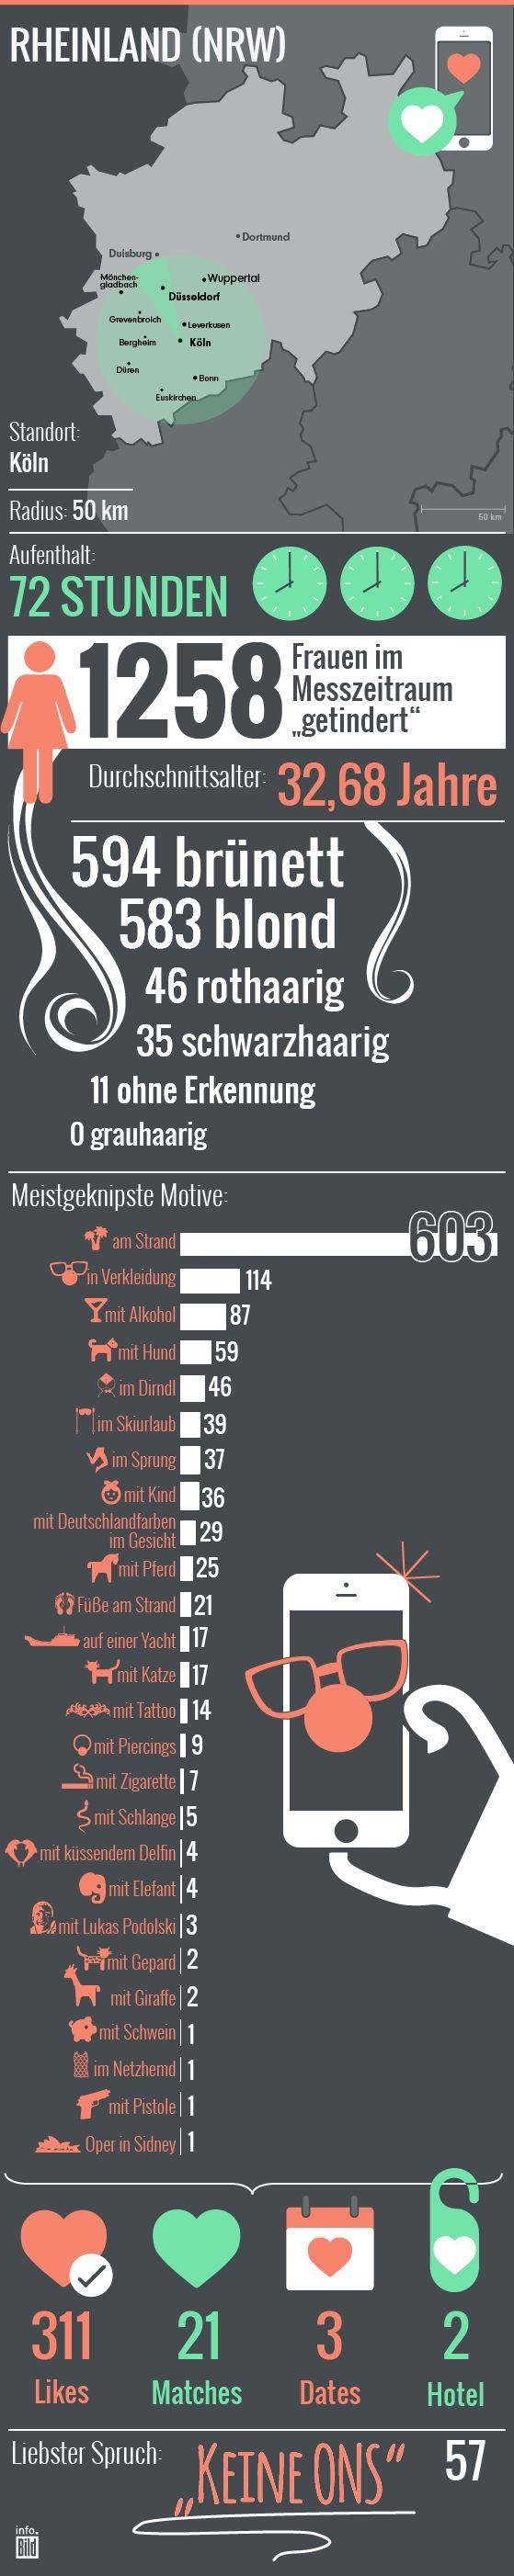 So wird im Rheinland durchschnittlich getindert: